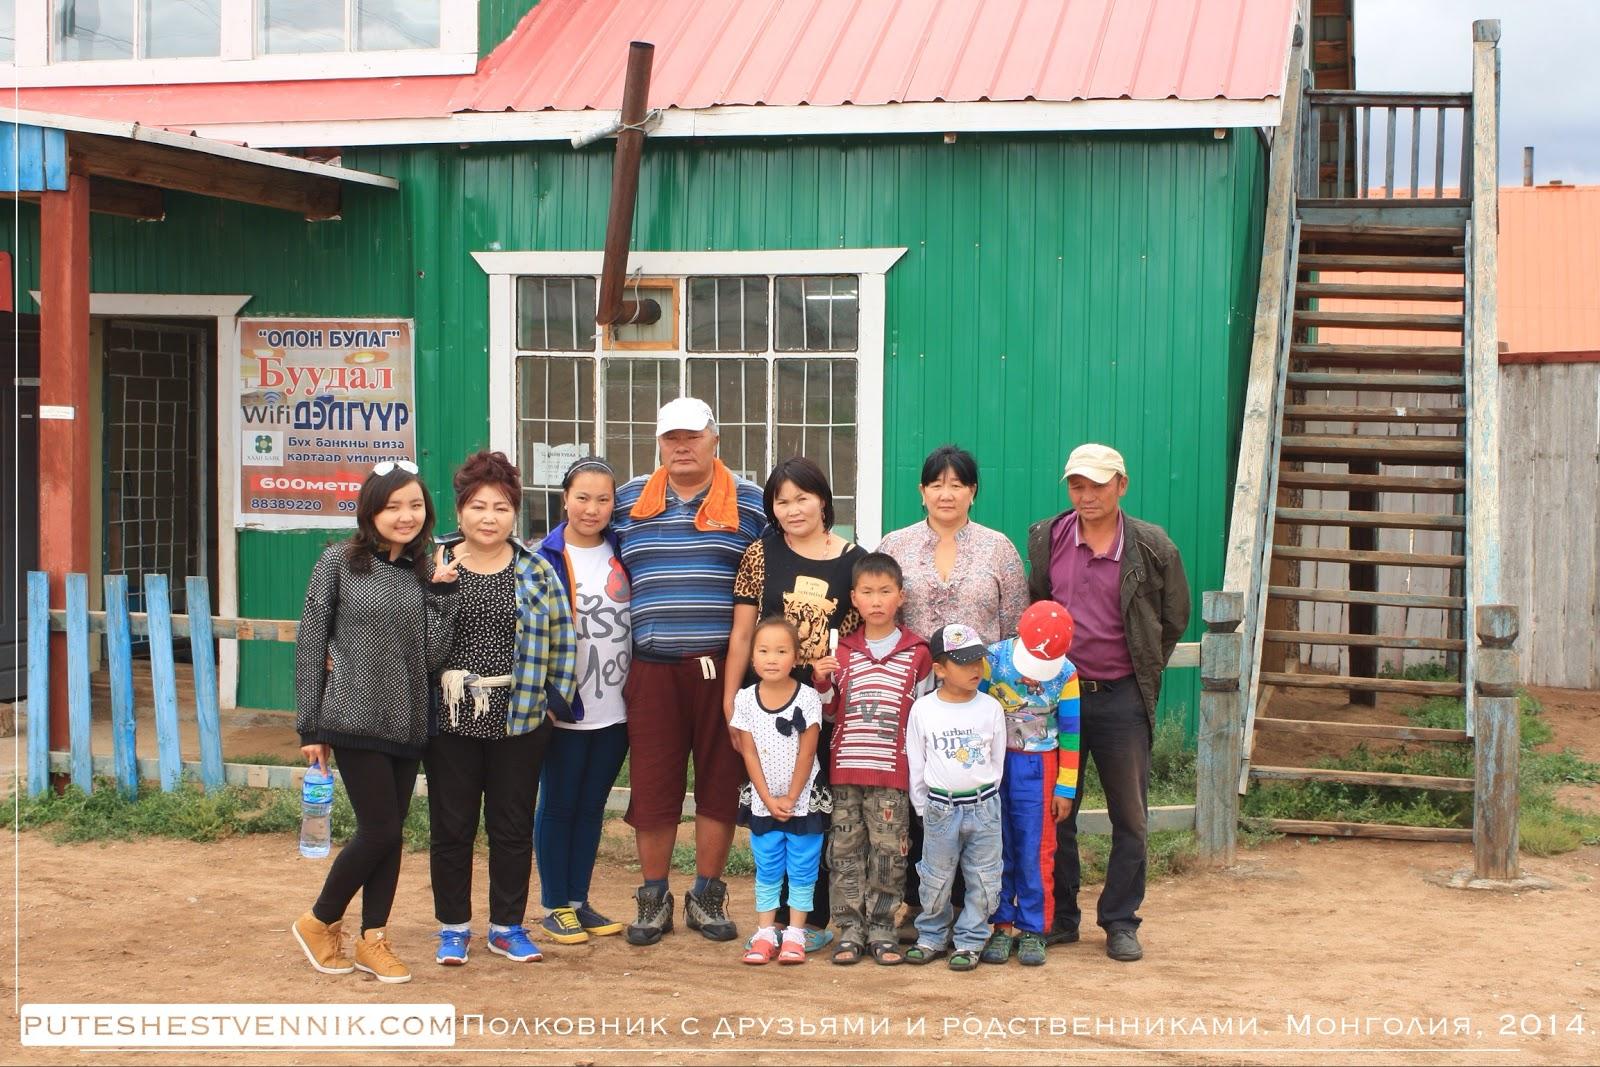 Монгольский полковник с друзьями и родственниками